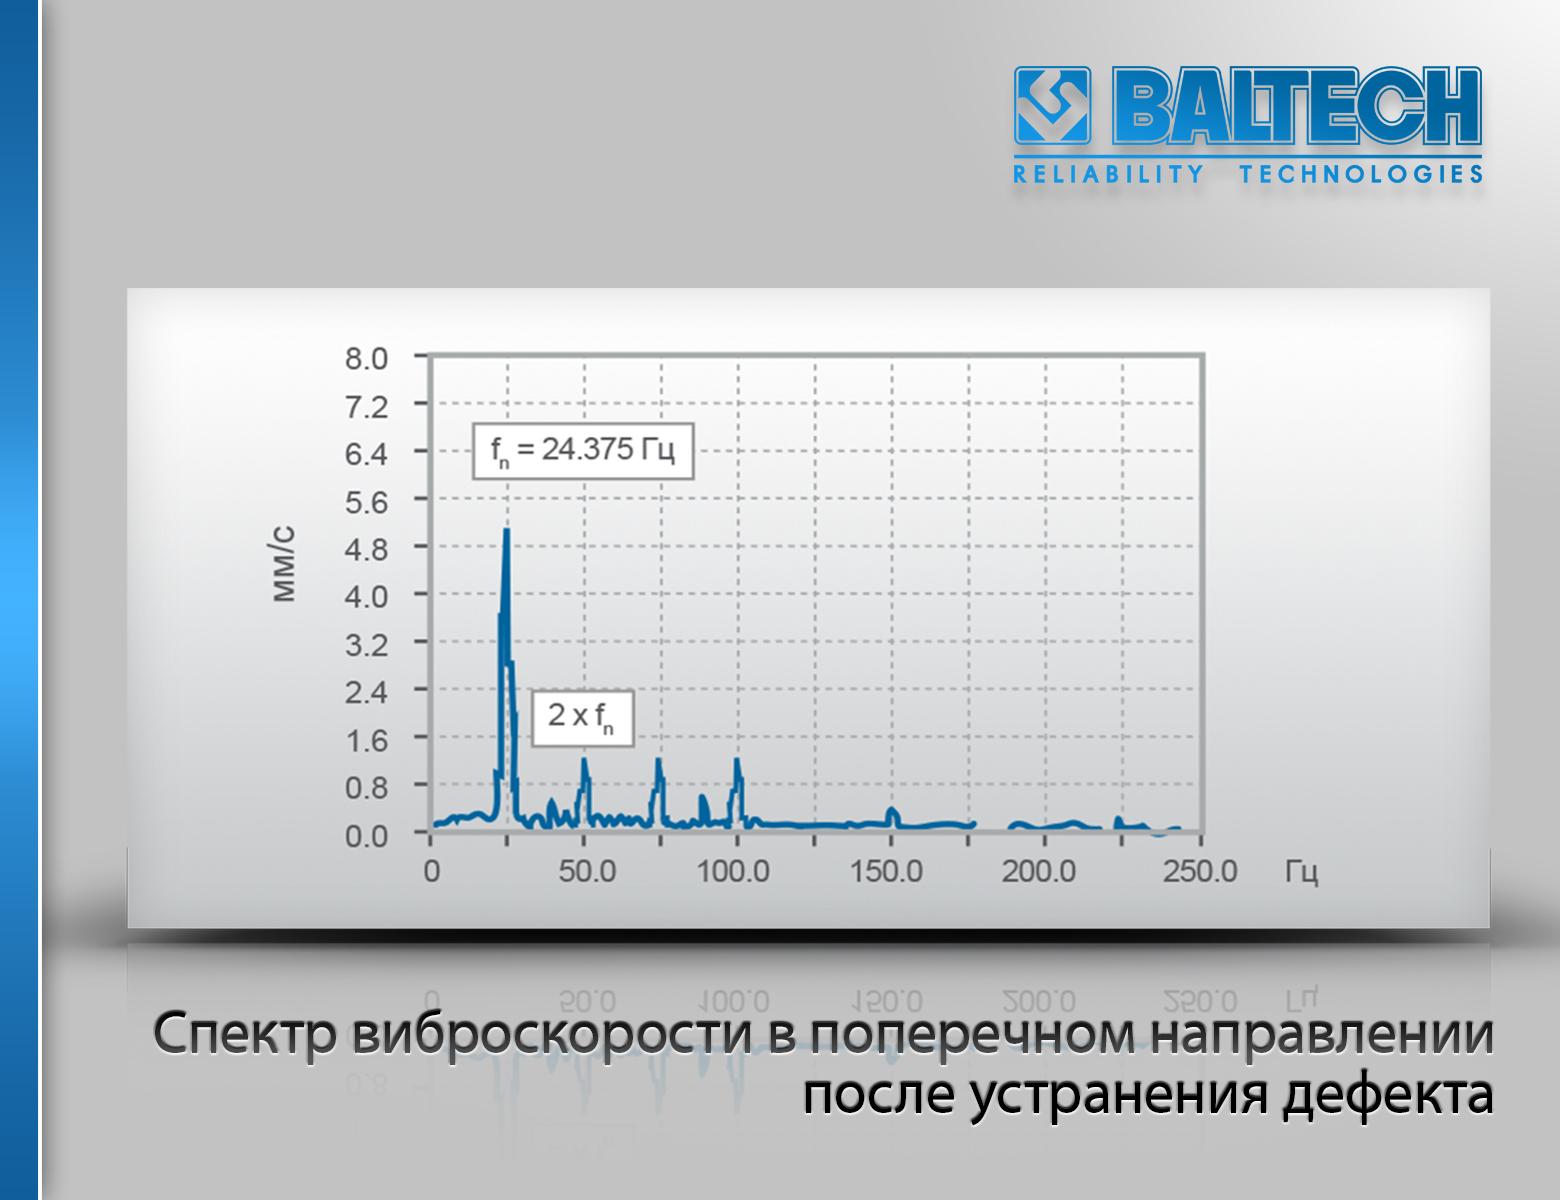 Спектр виброскорости в поперечном направлении после устранения дефекта